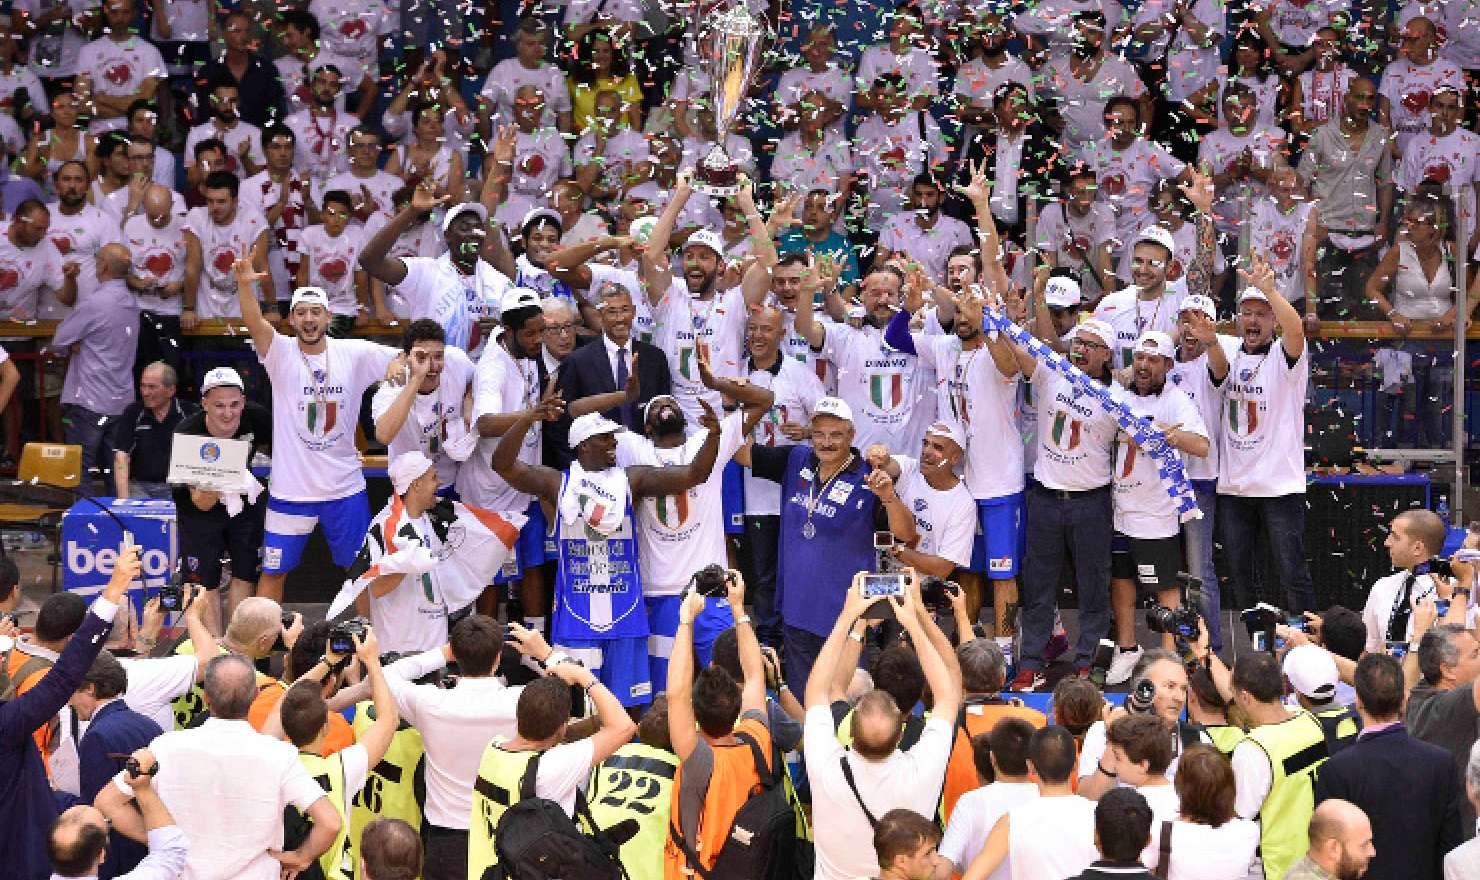 Sassari festeggia lo scudetto 2014/15